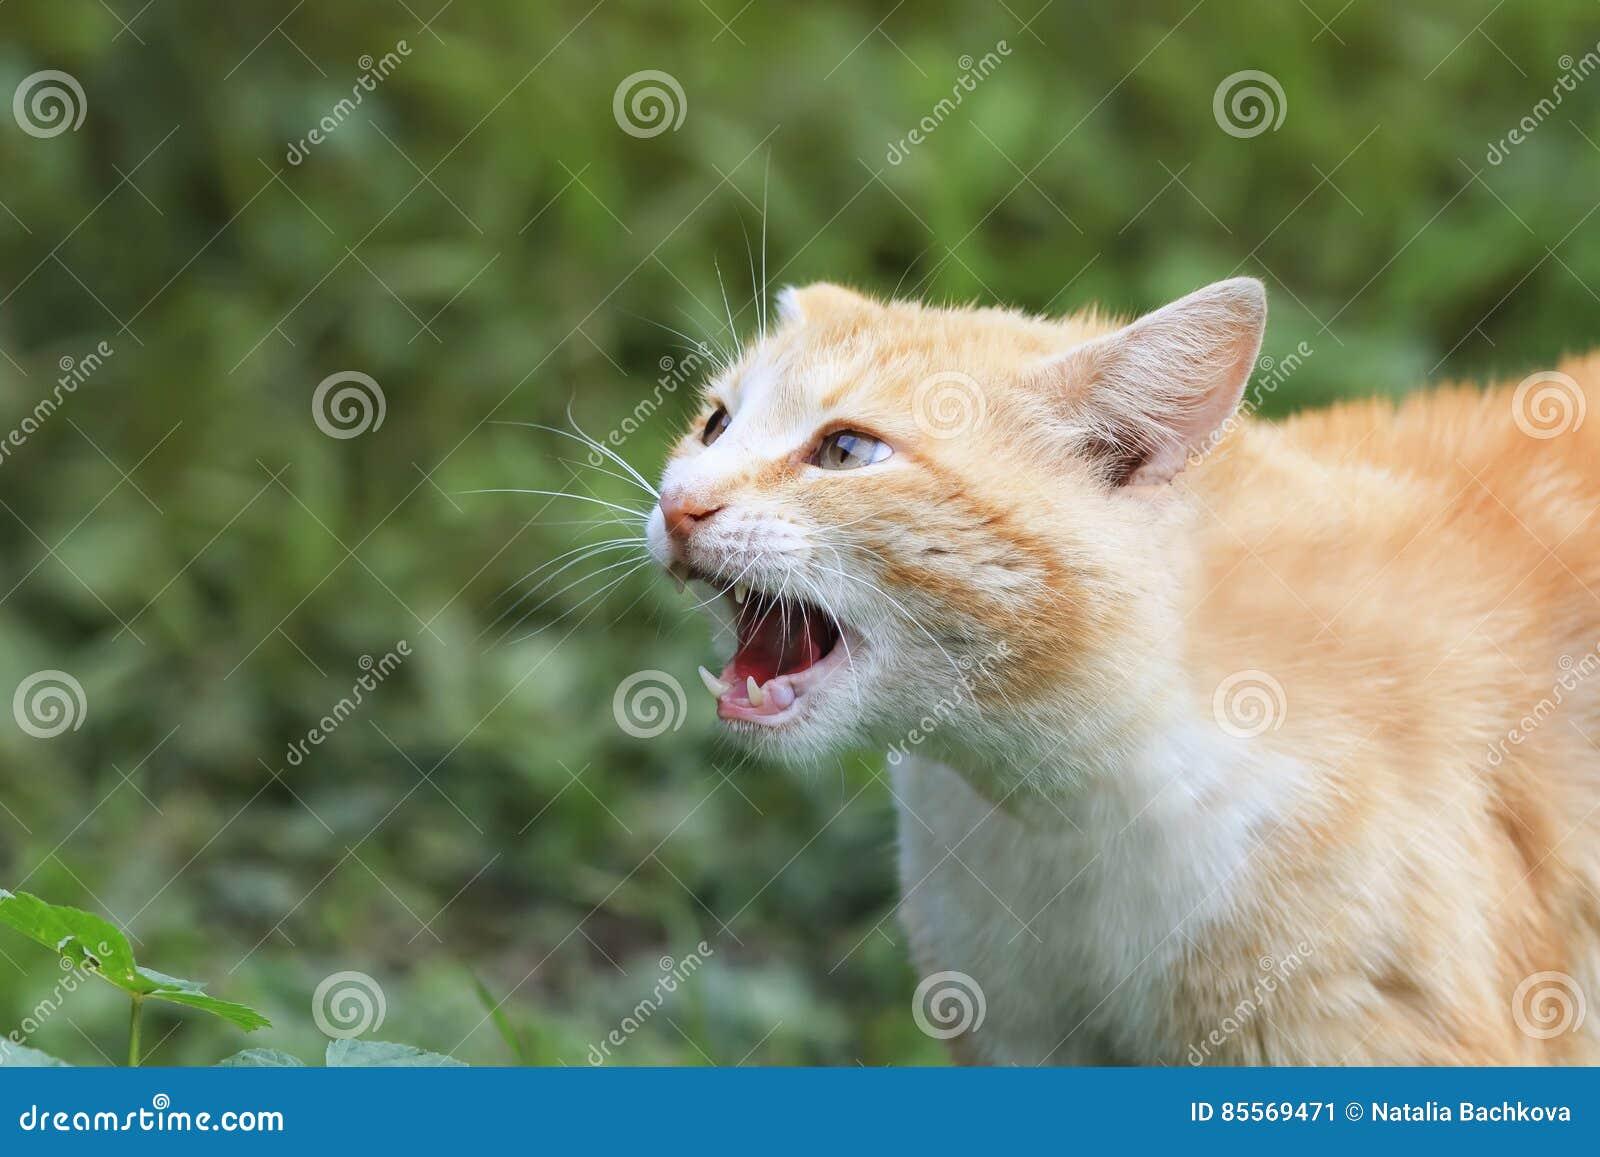 öppnad Mun För Katt Hotande Med Stora Tänder Fotografering För